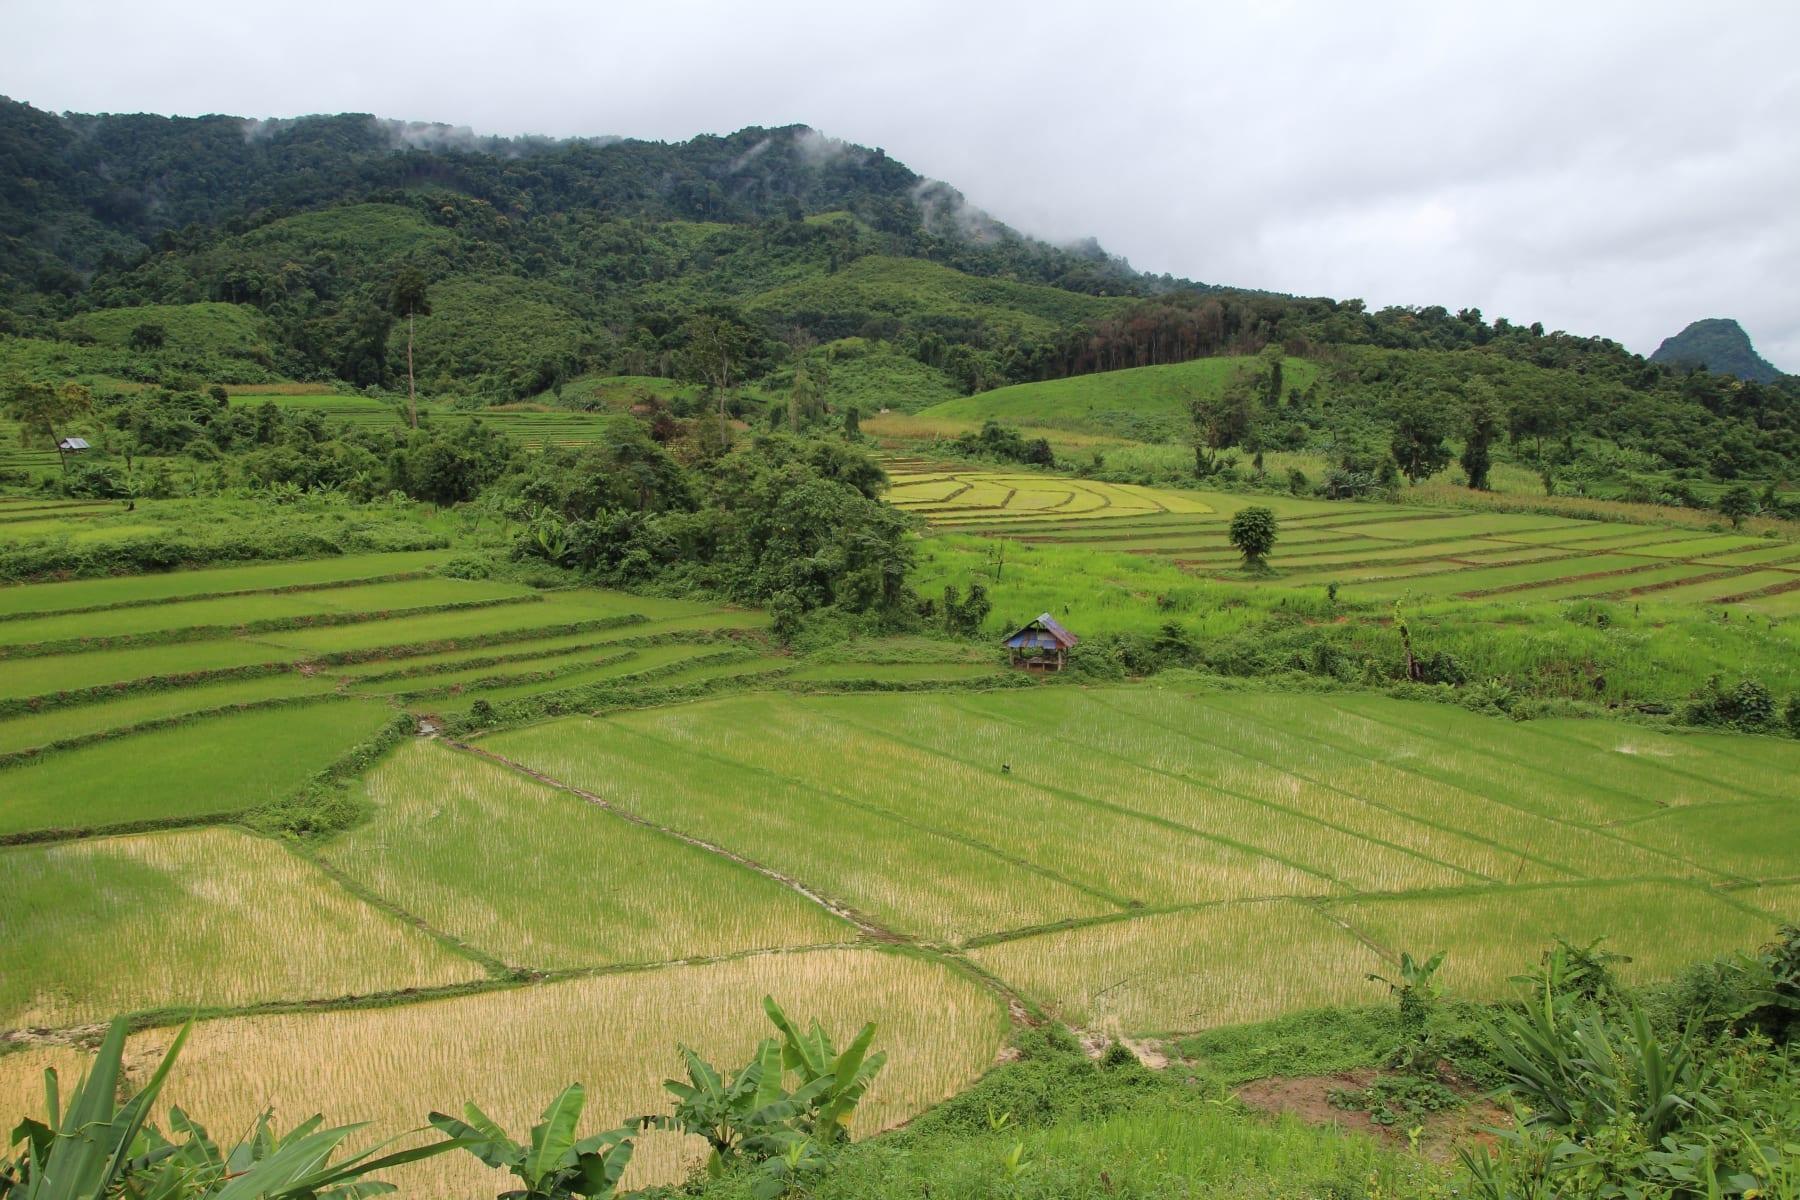 Mozaika rýžových polí v severním Laosu